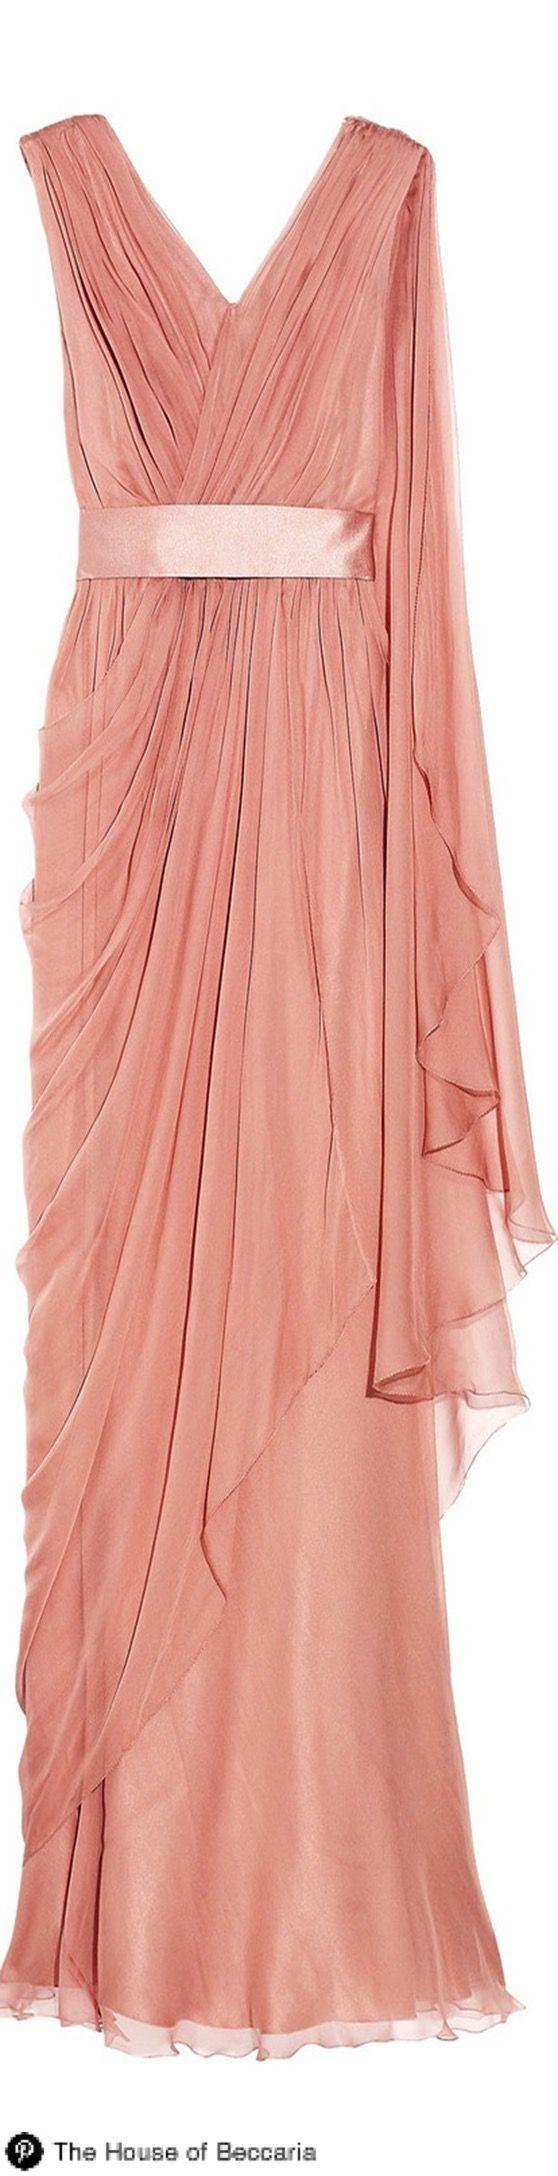 ~Alberta Ferretti Grecian Inspired Silk-chiffon gown | The House of Beccaria